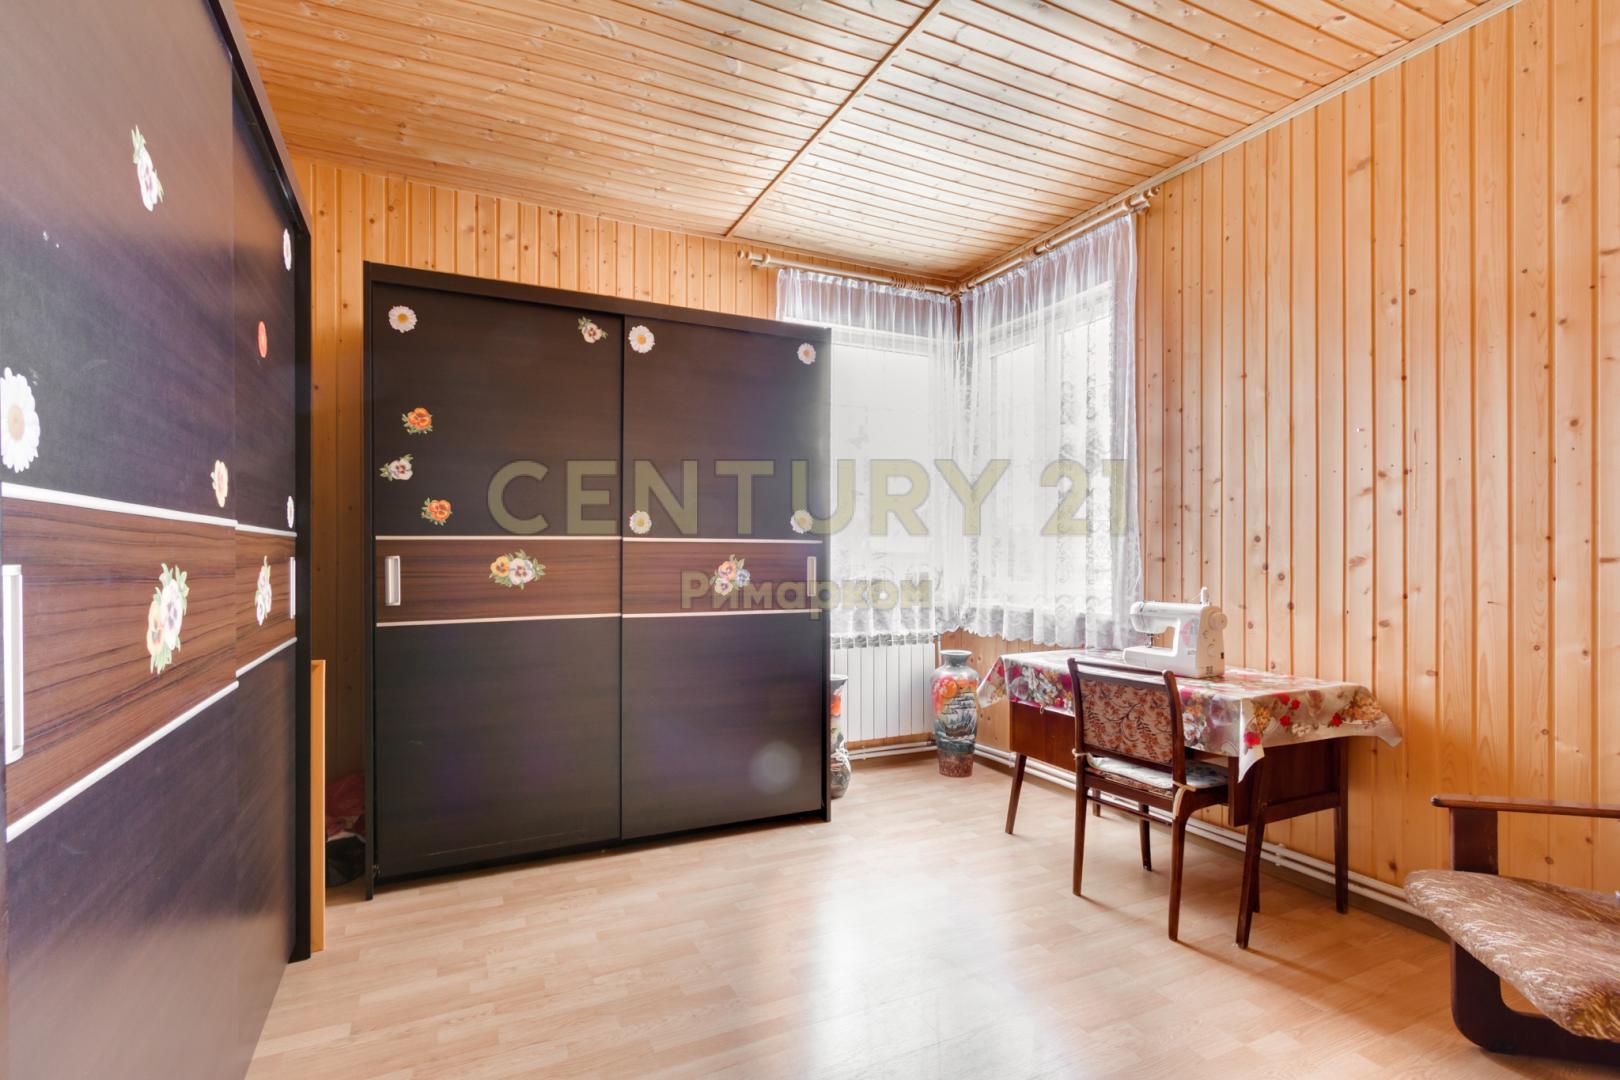 Продам дом по адресу Россия, Троицкий административный округ, Каменка фото 16 по выгодной цене